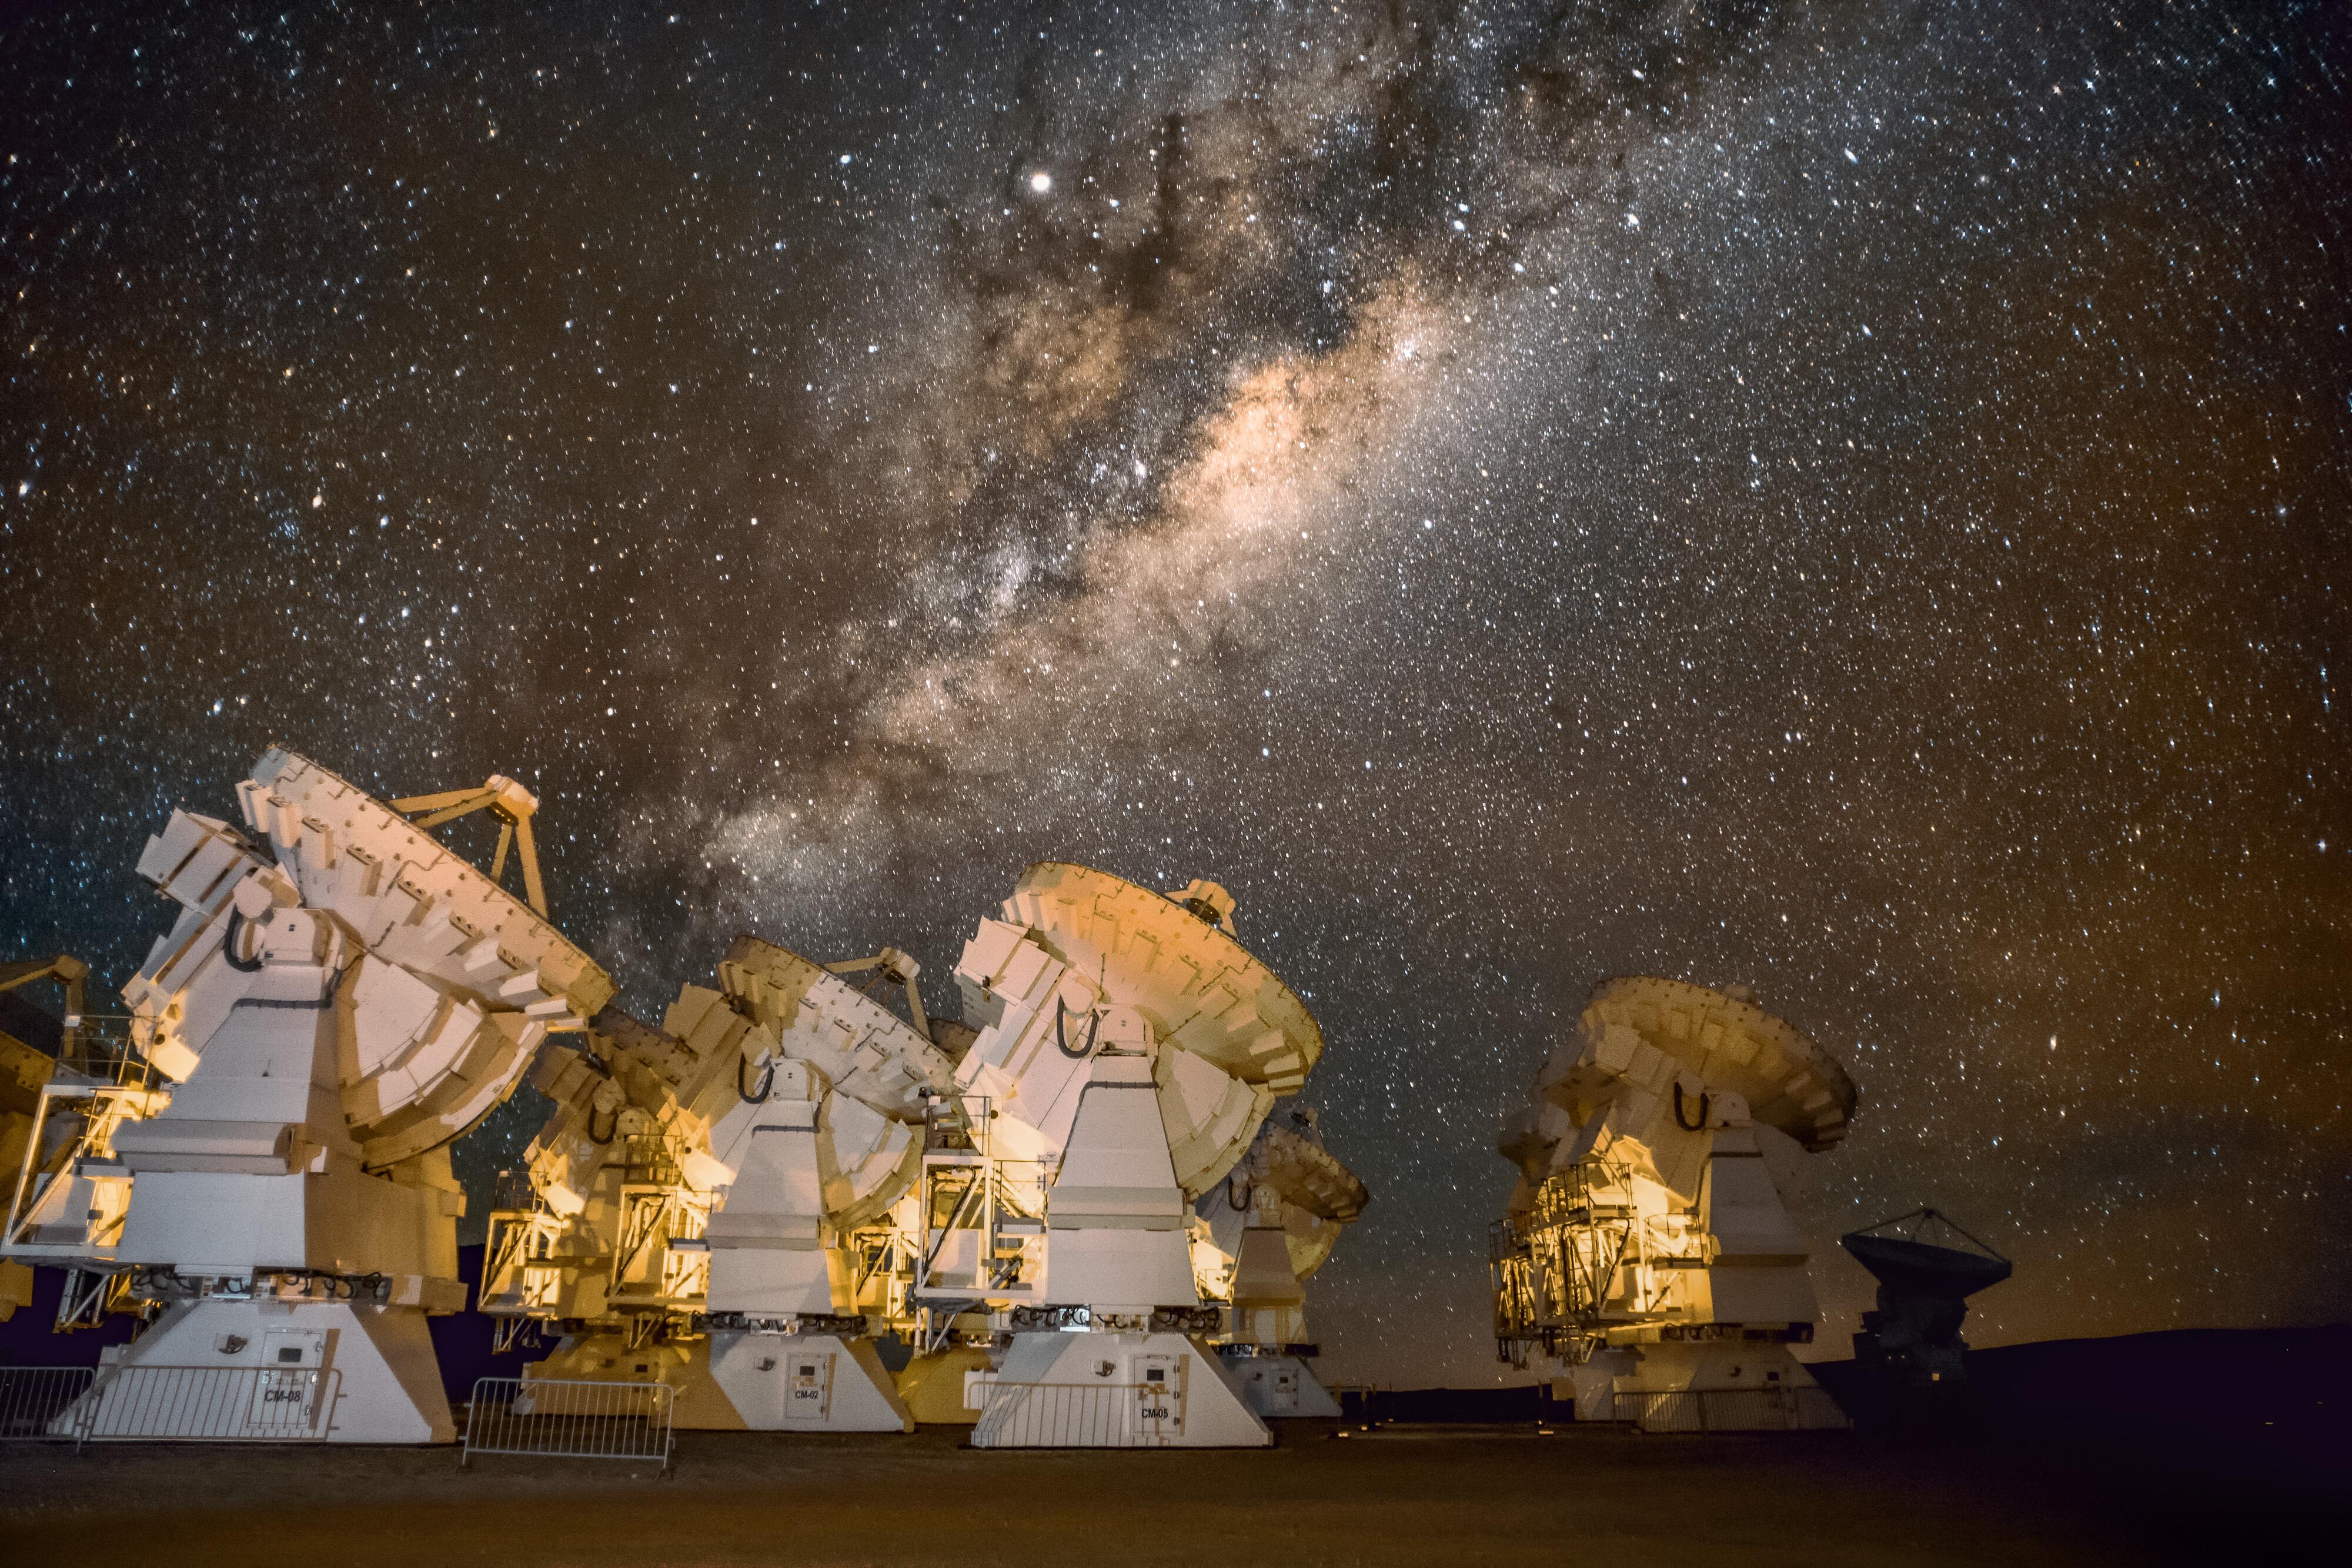 The ACA at night.  Credit: ESO/S. Otalora.